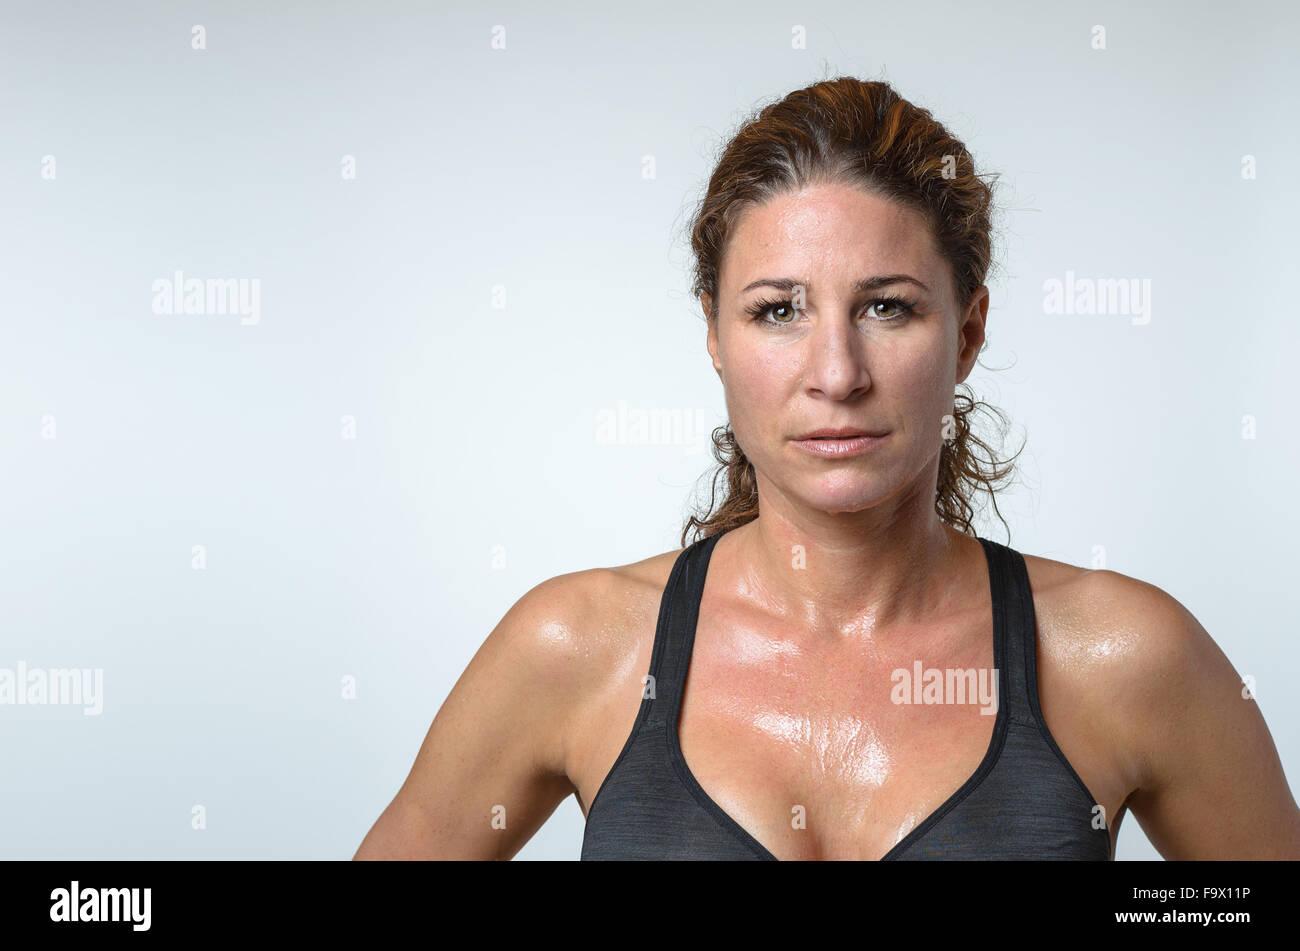 Sudorosos atléticos atractivo colocar joven con una pátina de sudor sobre su piel y precioso pelo rizado Imagen De Stock